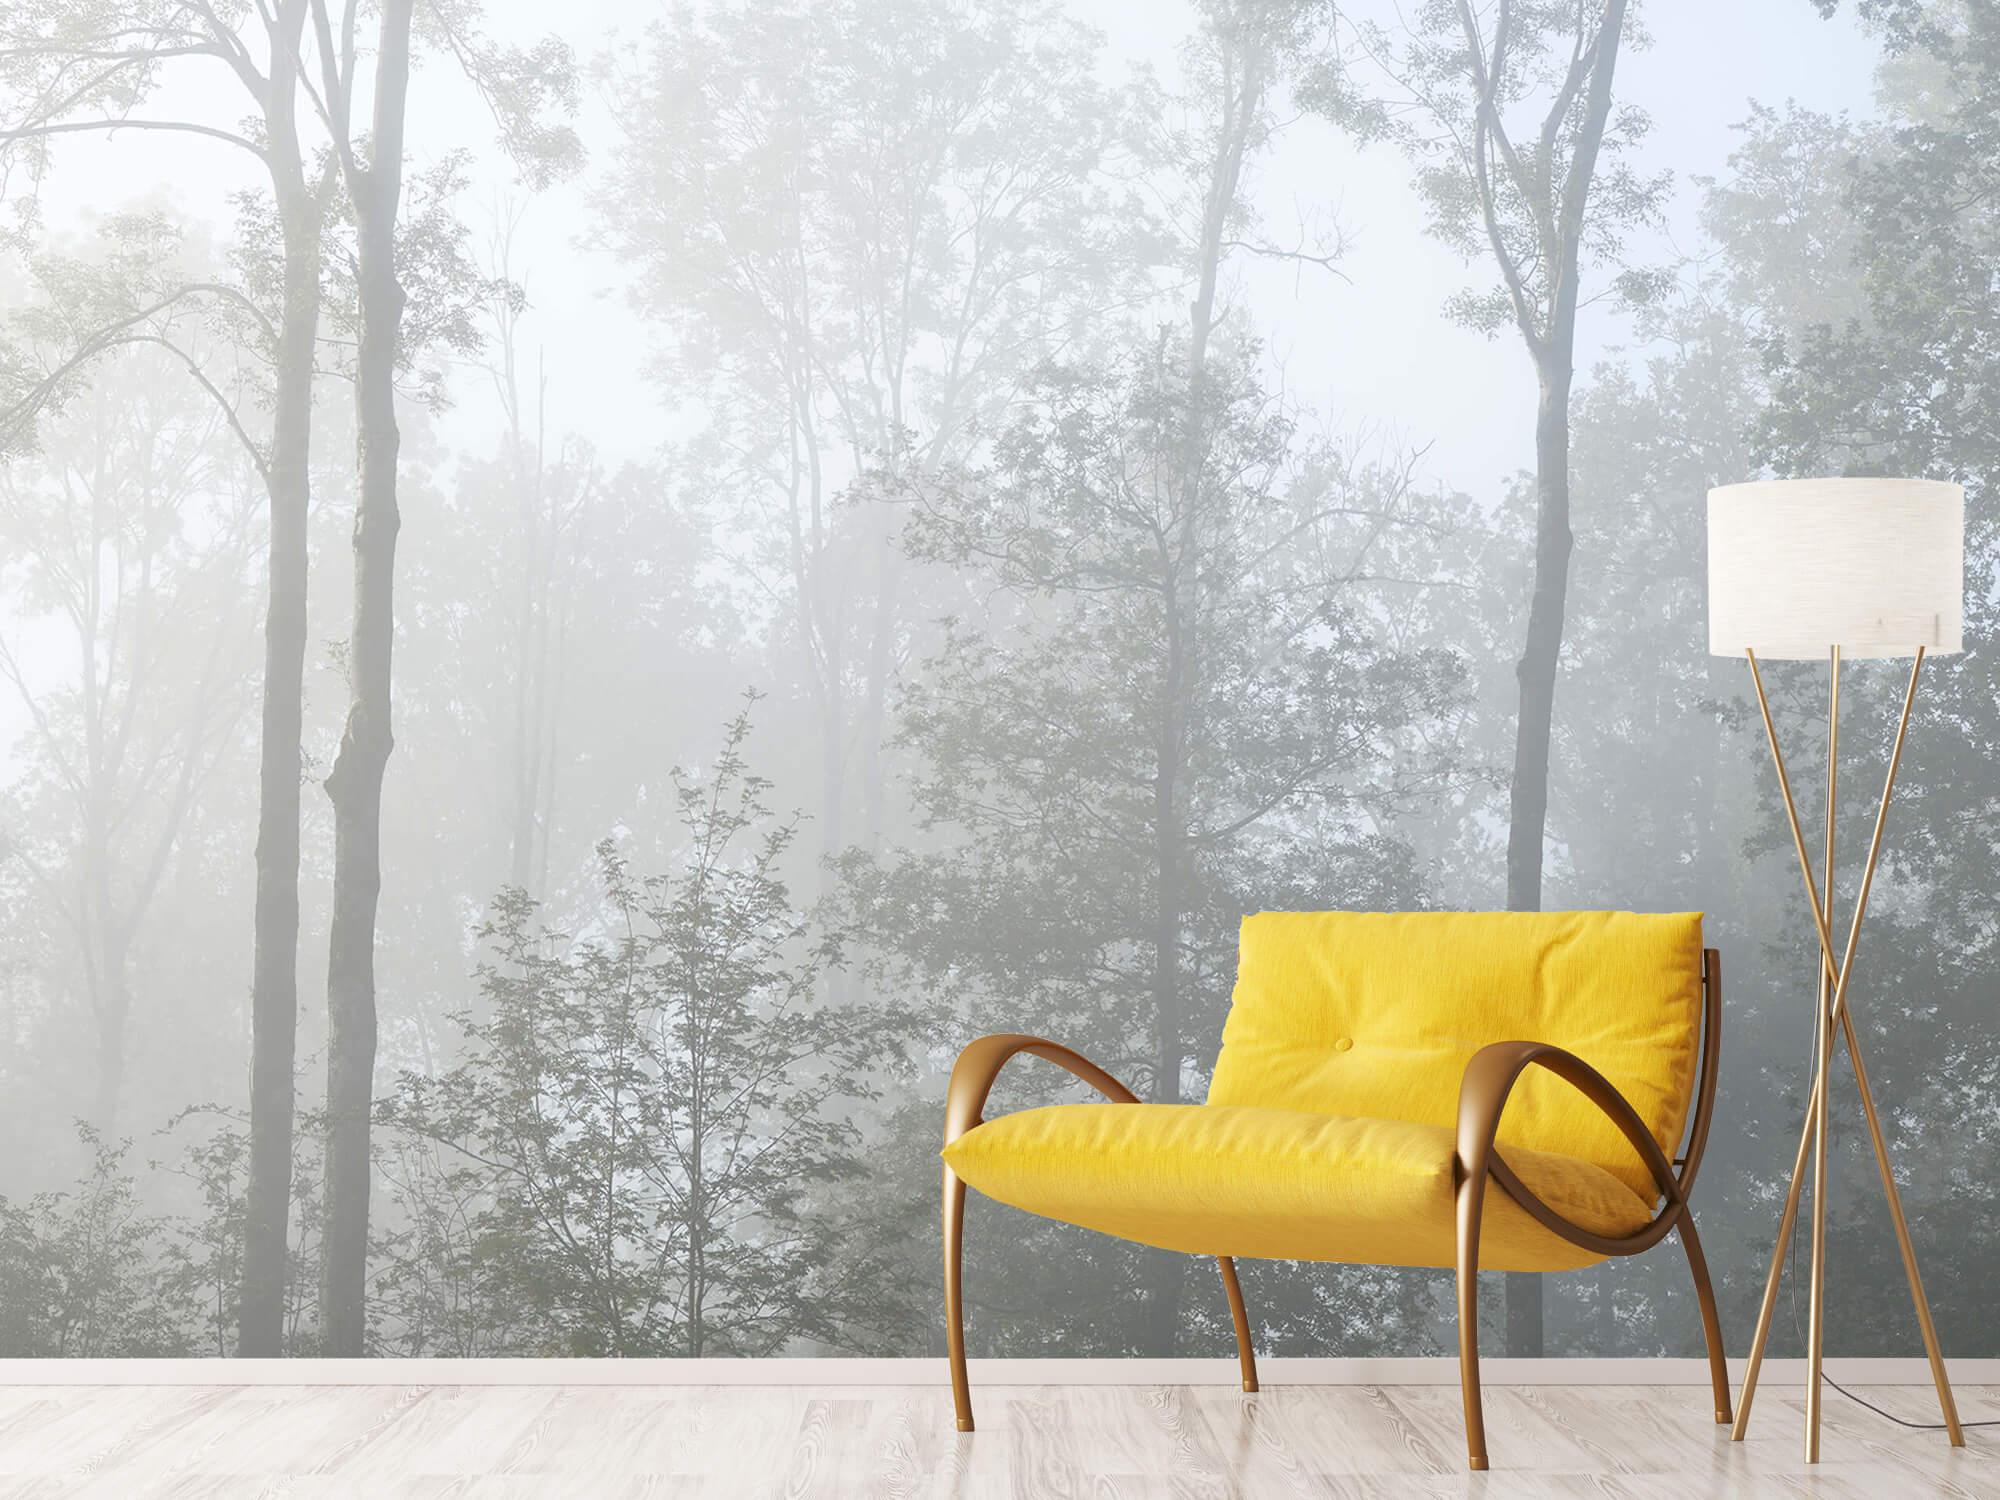 Bos behang Dichte mist in het bos 2